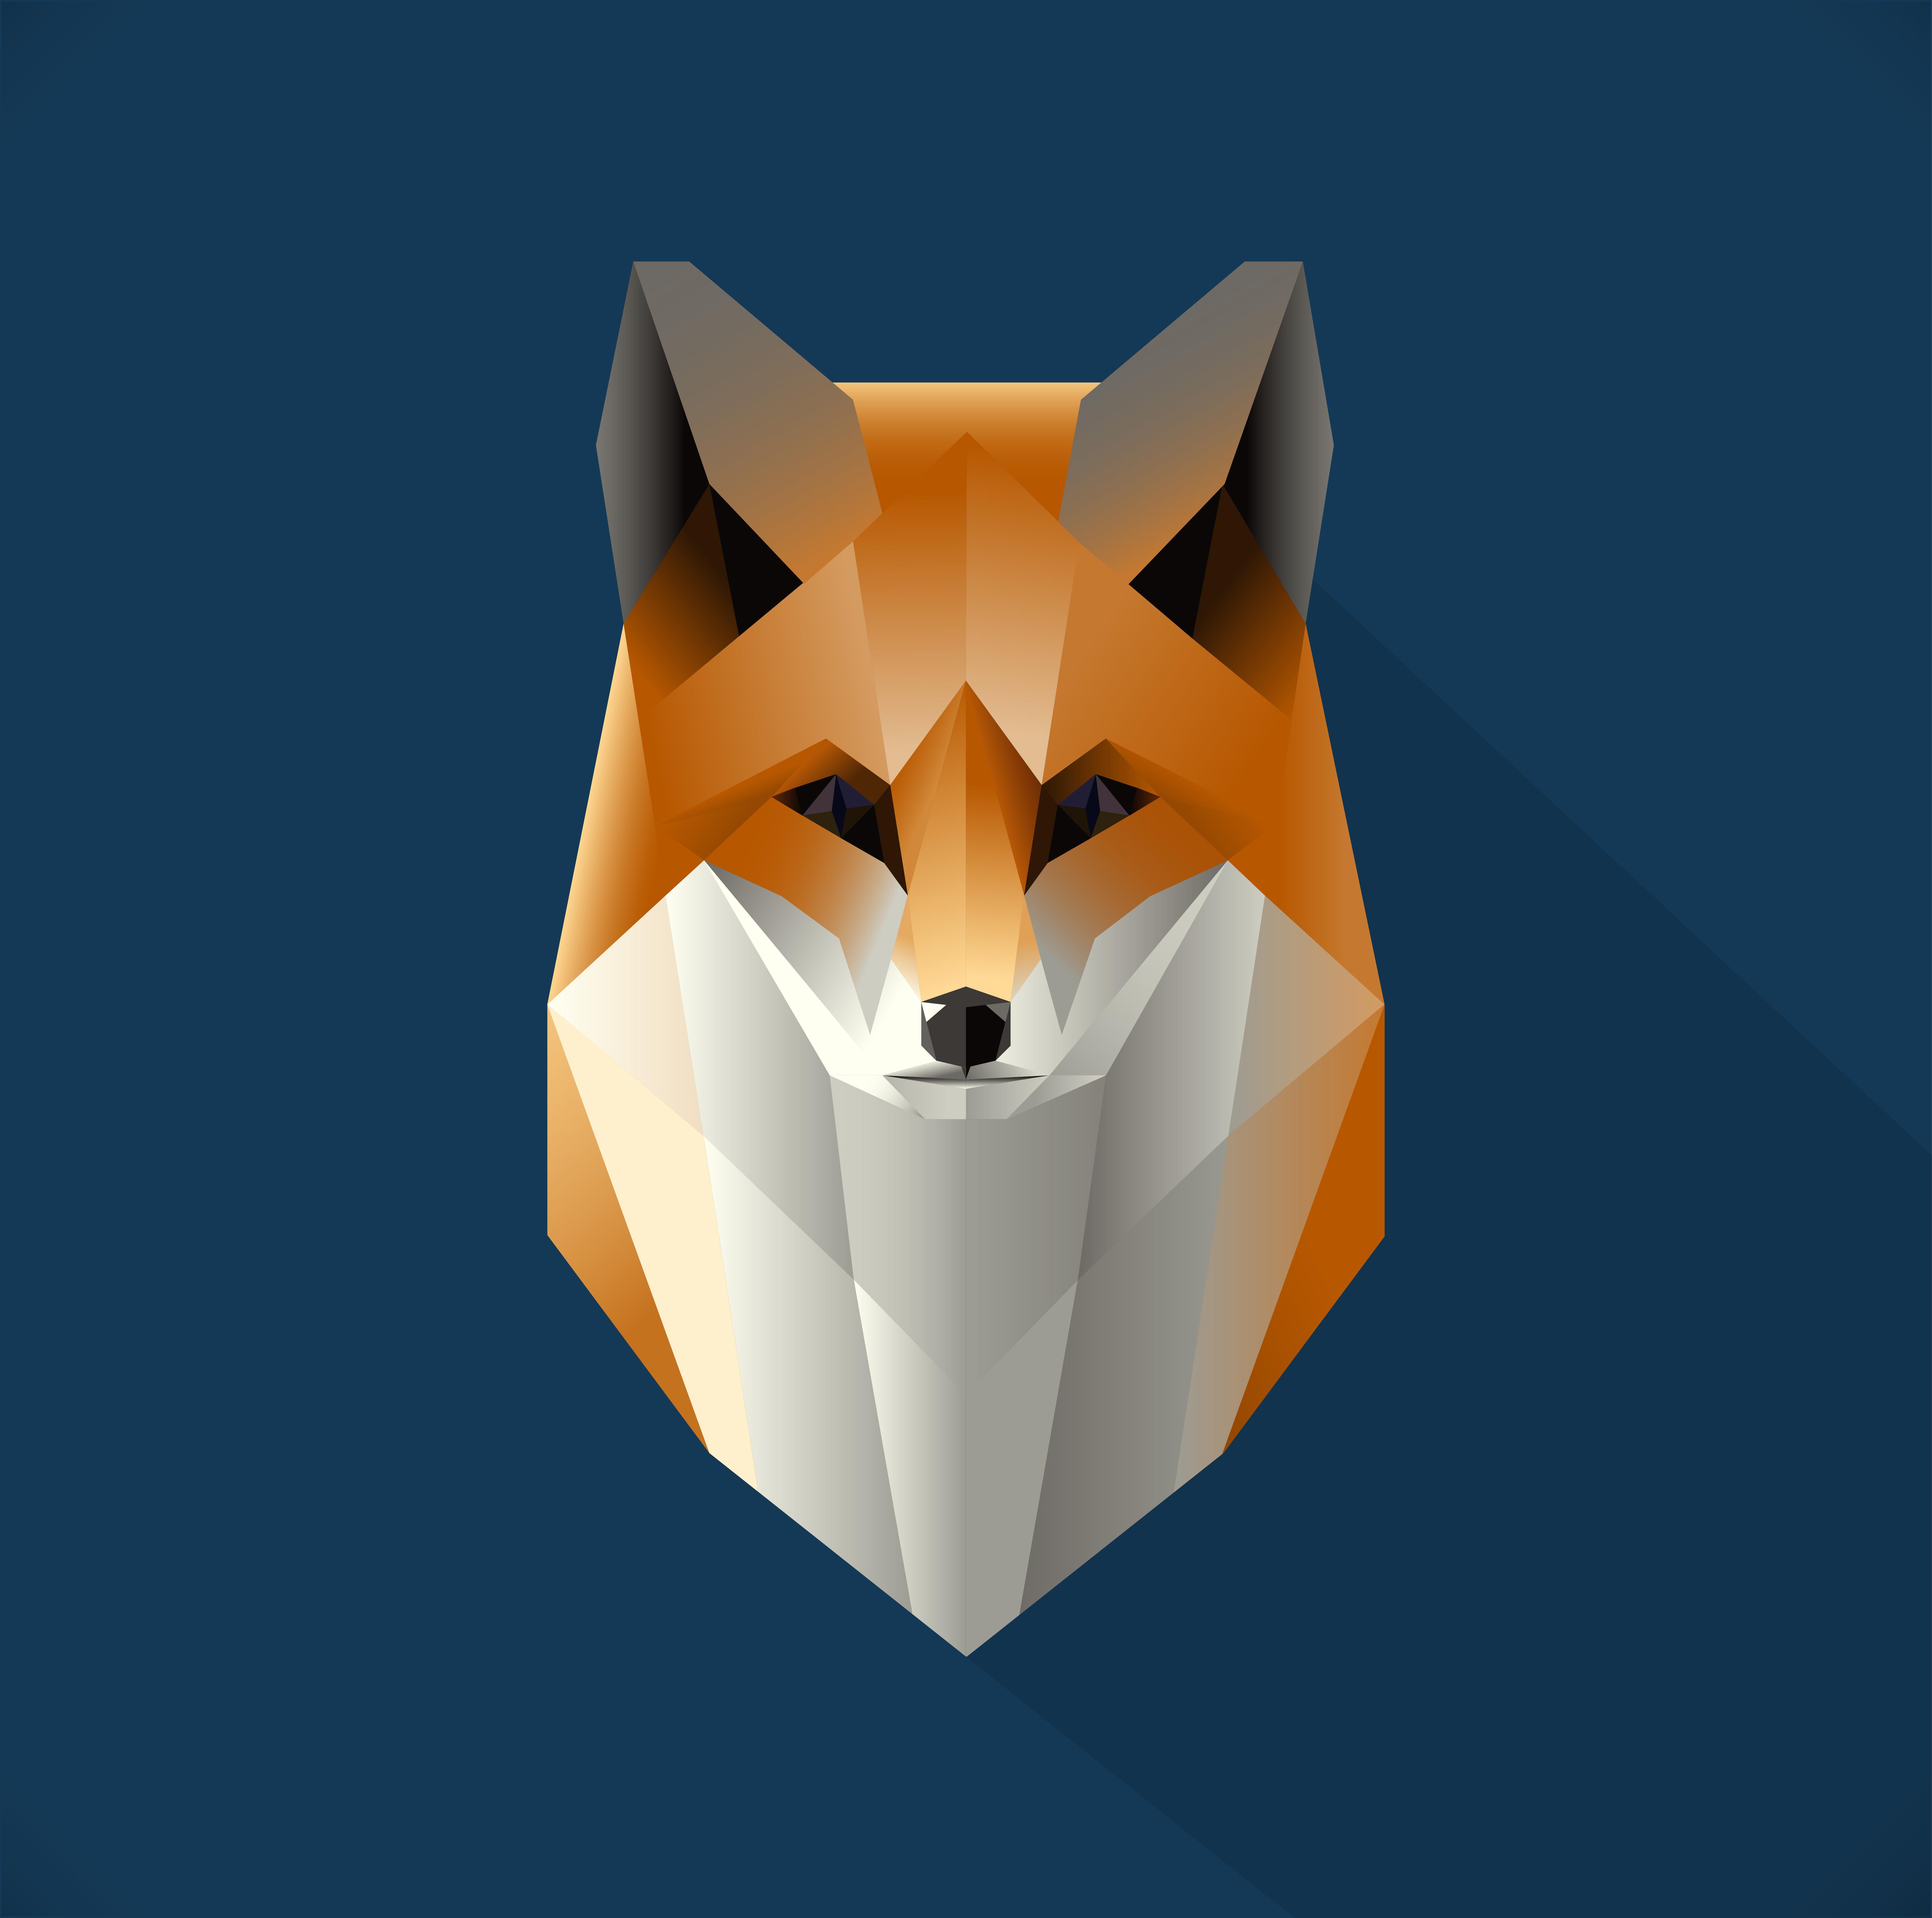 polygon fox illustration